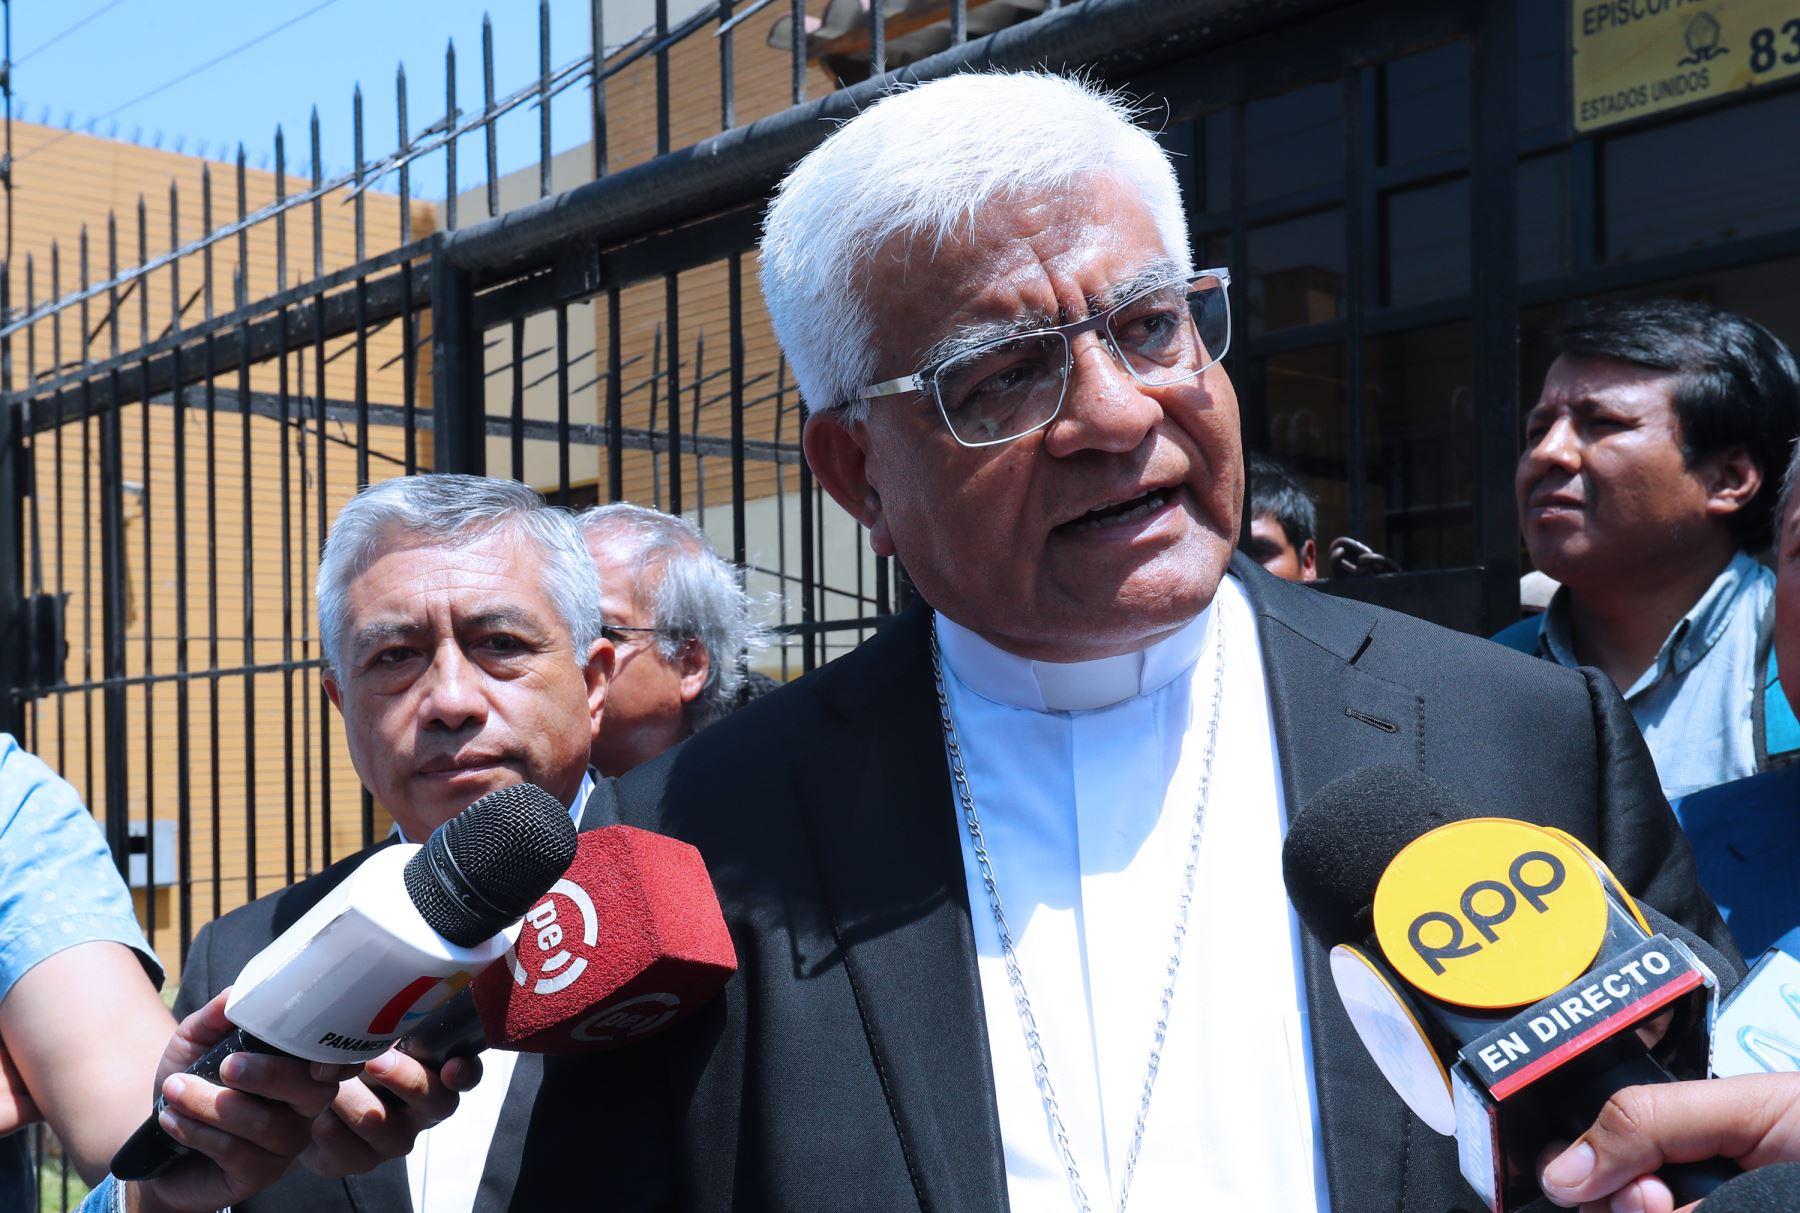 El presidente de la Conferencia Episcopal Peruana, monseñor Miguel Cabrejos se reúne con dirigentes  de la Comunidad de Fuerabamba Foto: ANDINA/Norman Córdova